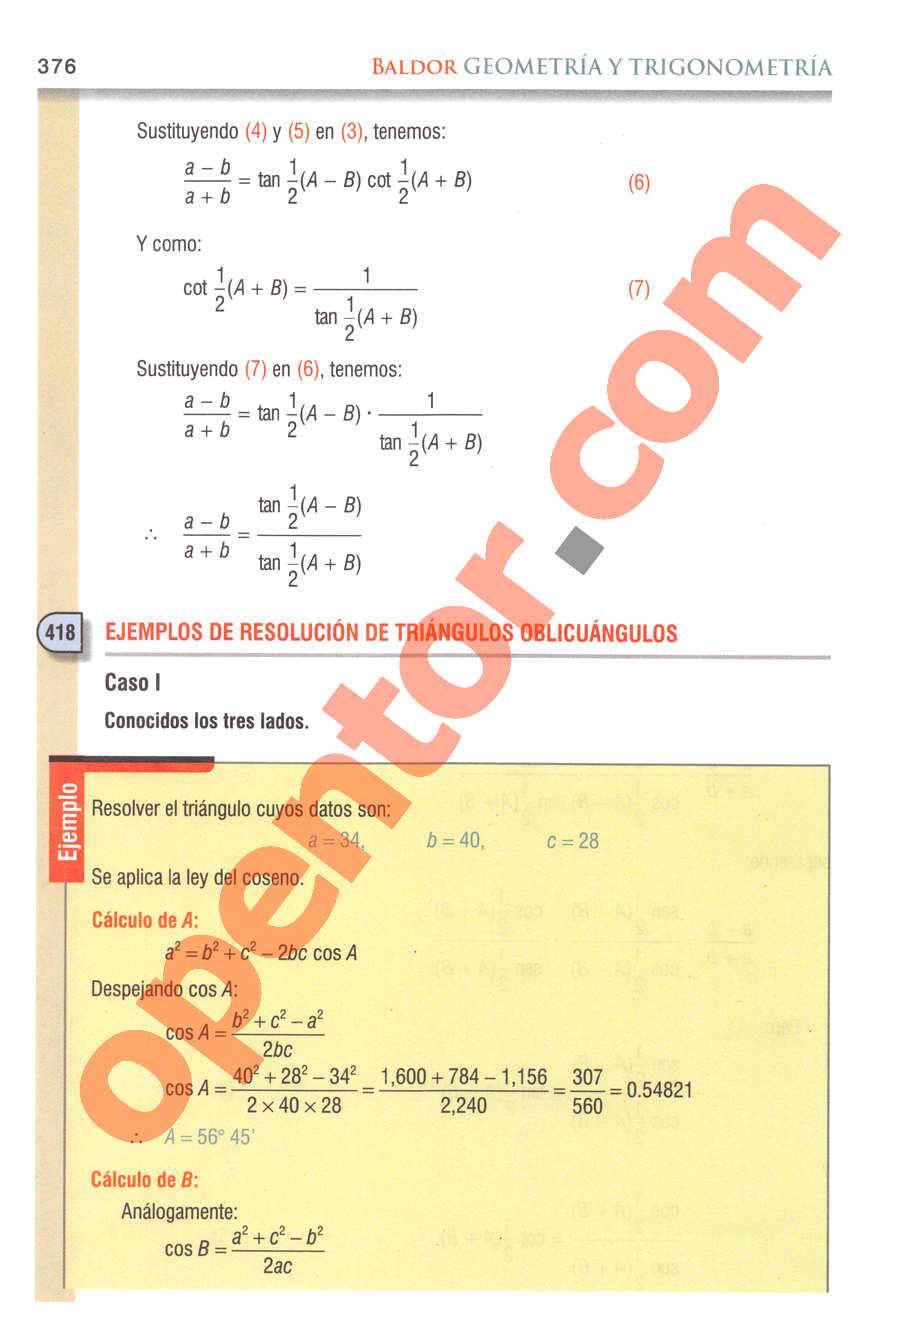 Geometría y Trigonometría de Baldor - Página 376